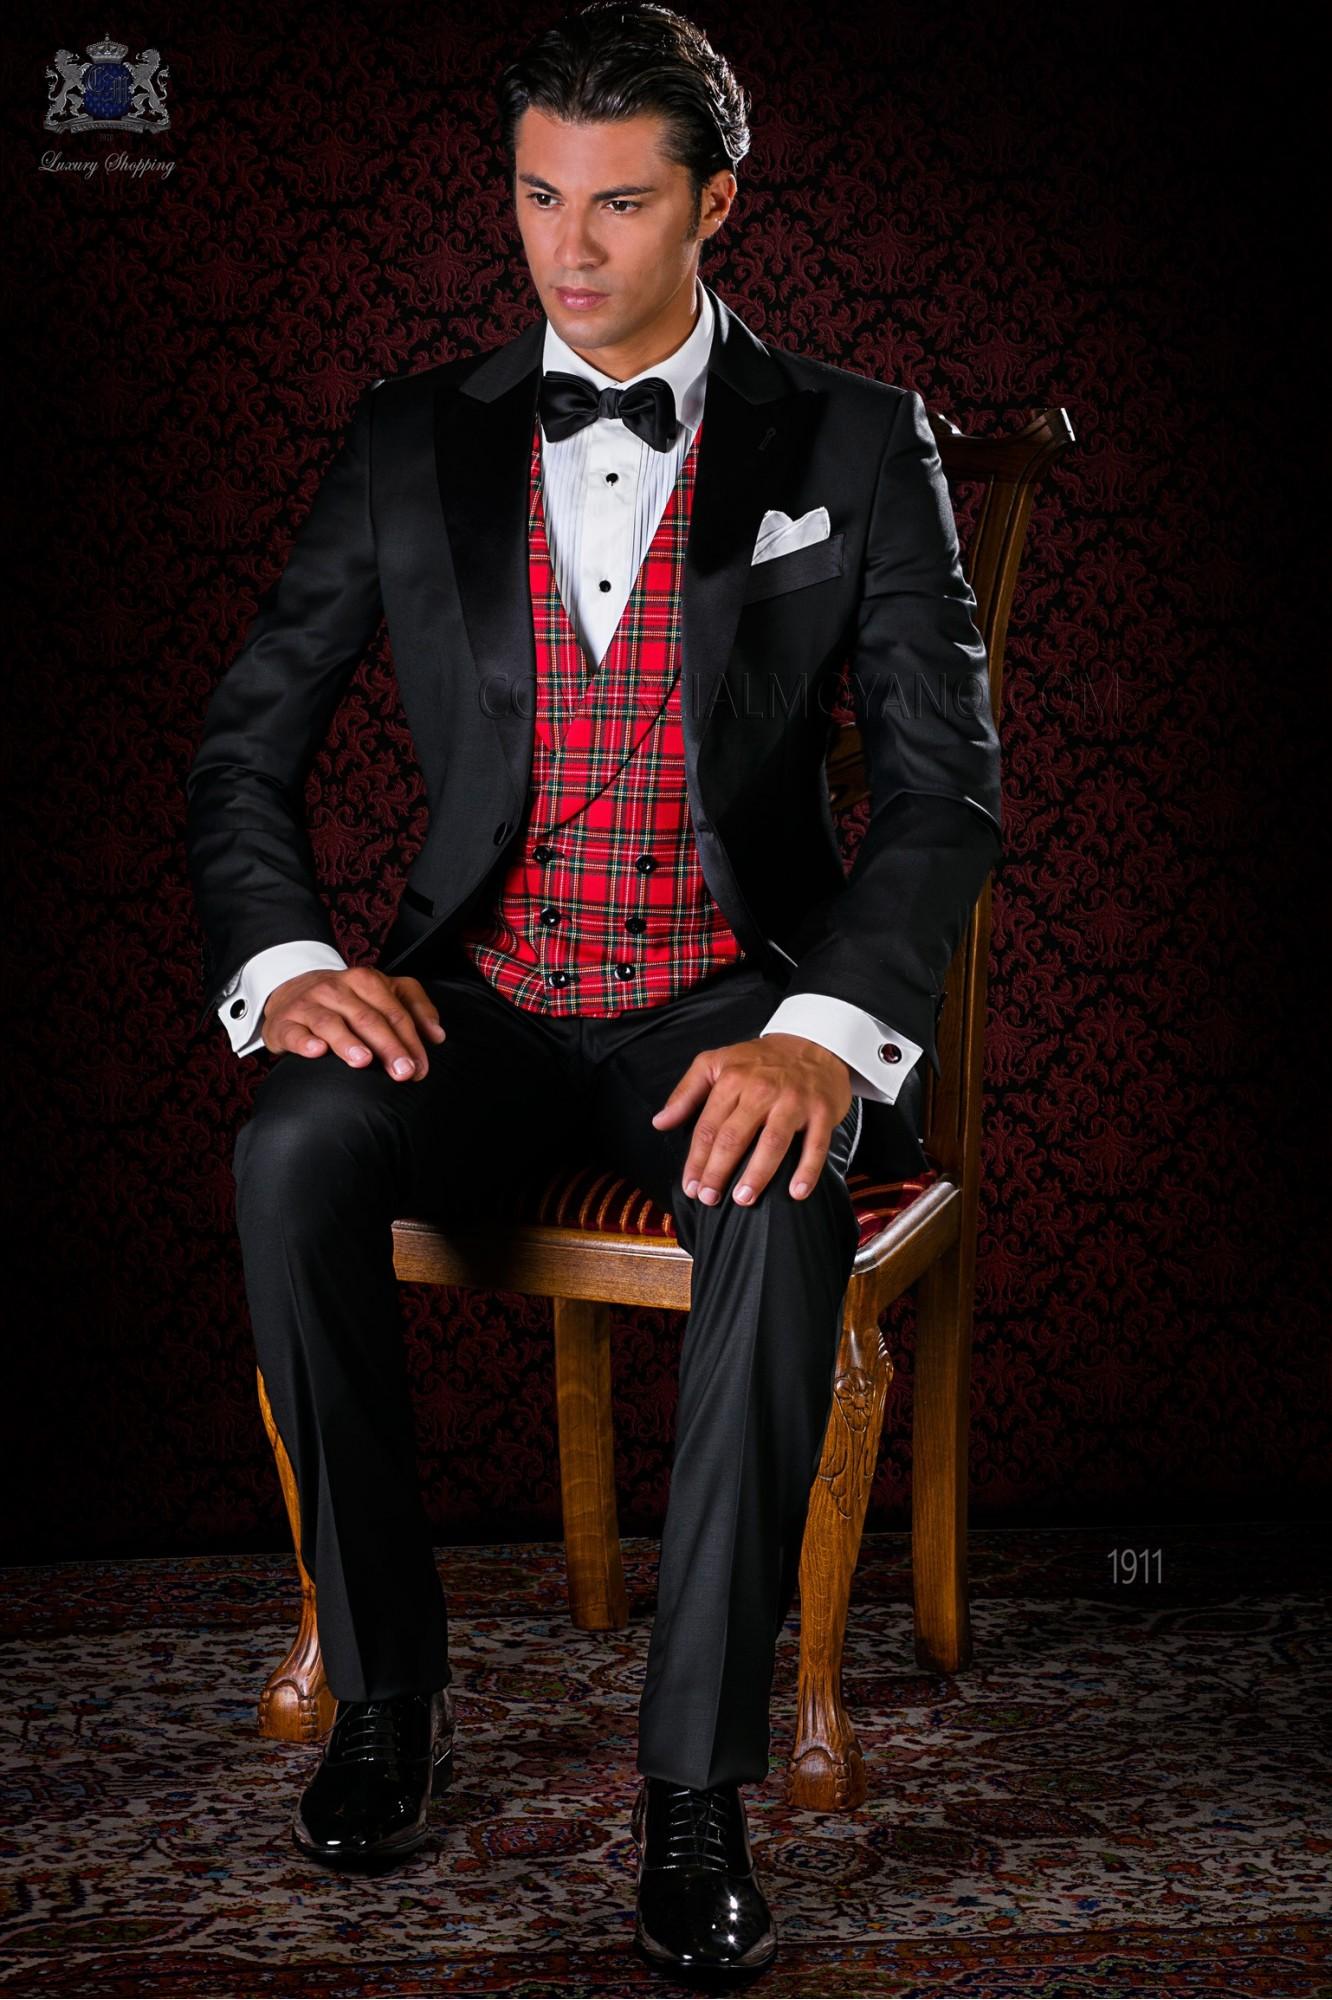 Esmoquin italiano negro tejido fresco pura lana modelo: 1911 Ottavio Nuccio Gala colección Black Tie